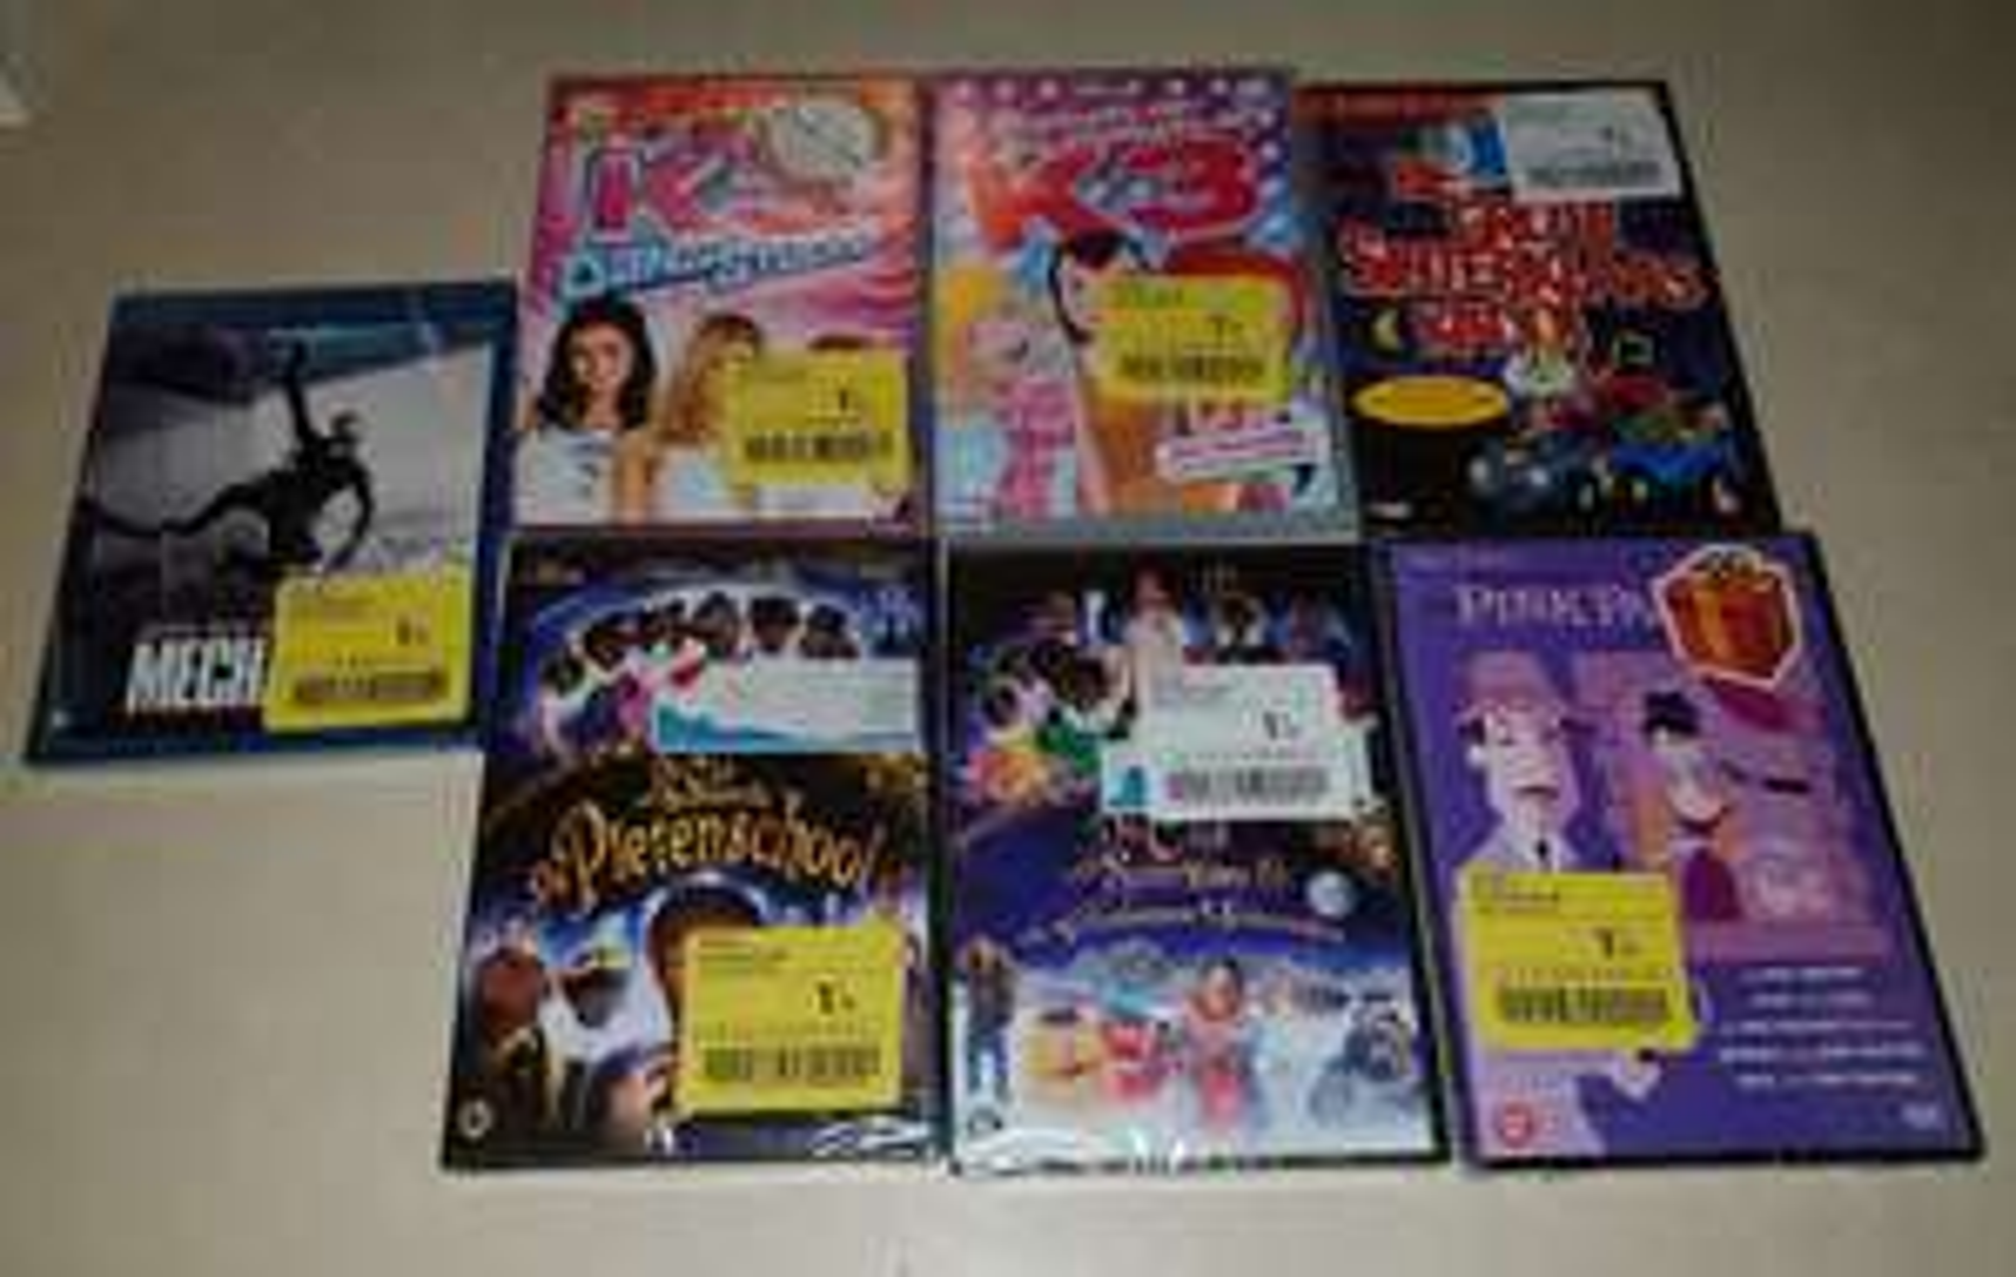 [BE] Hyper Carrefour Zemst - DVD's en Blurays aan €1